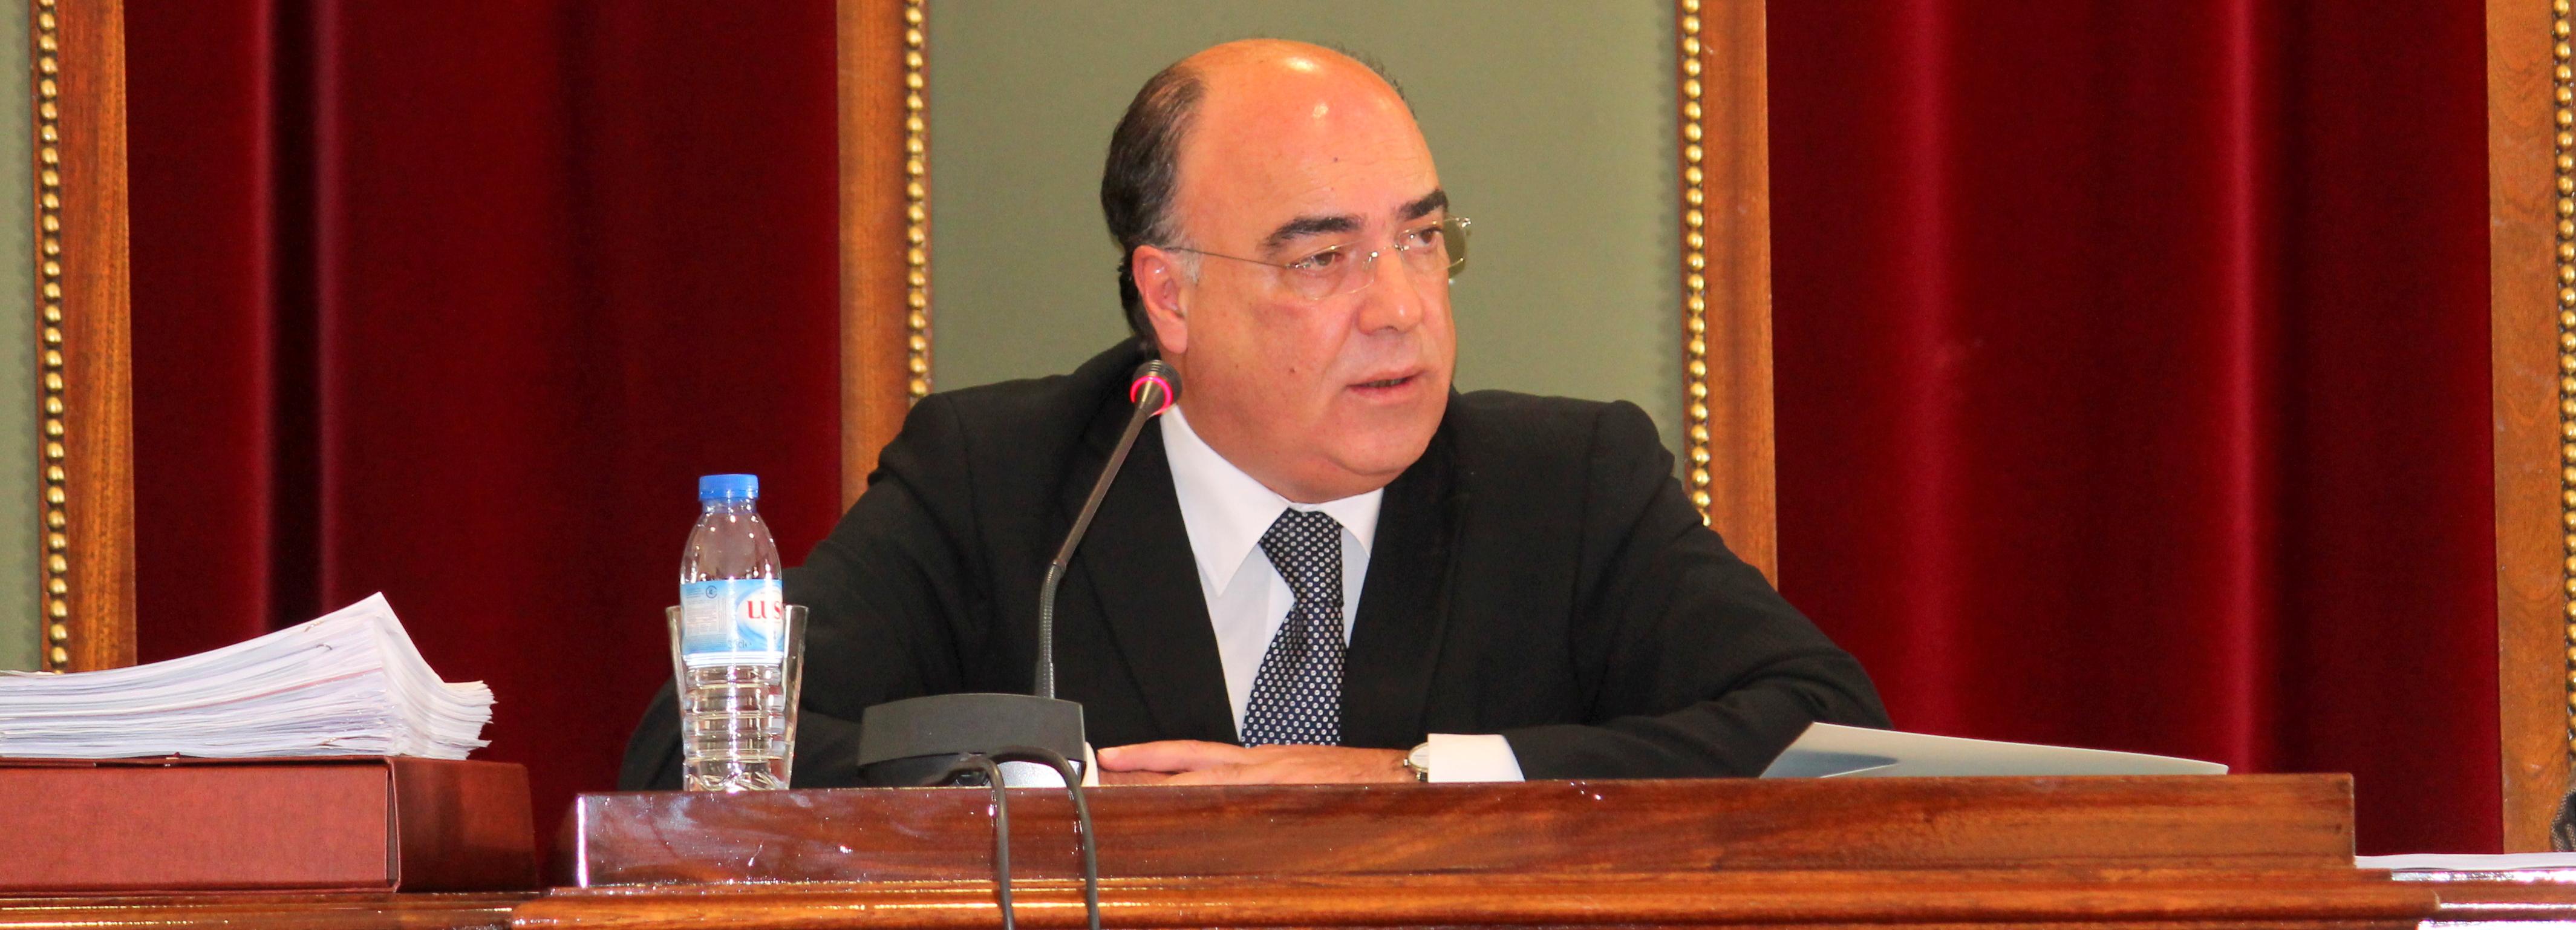 Câmara Municipal aprova mais de 402 mil euros de subsídios às Freguesias